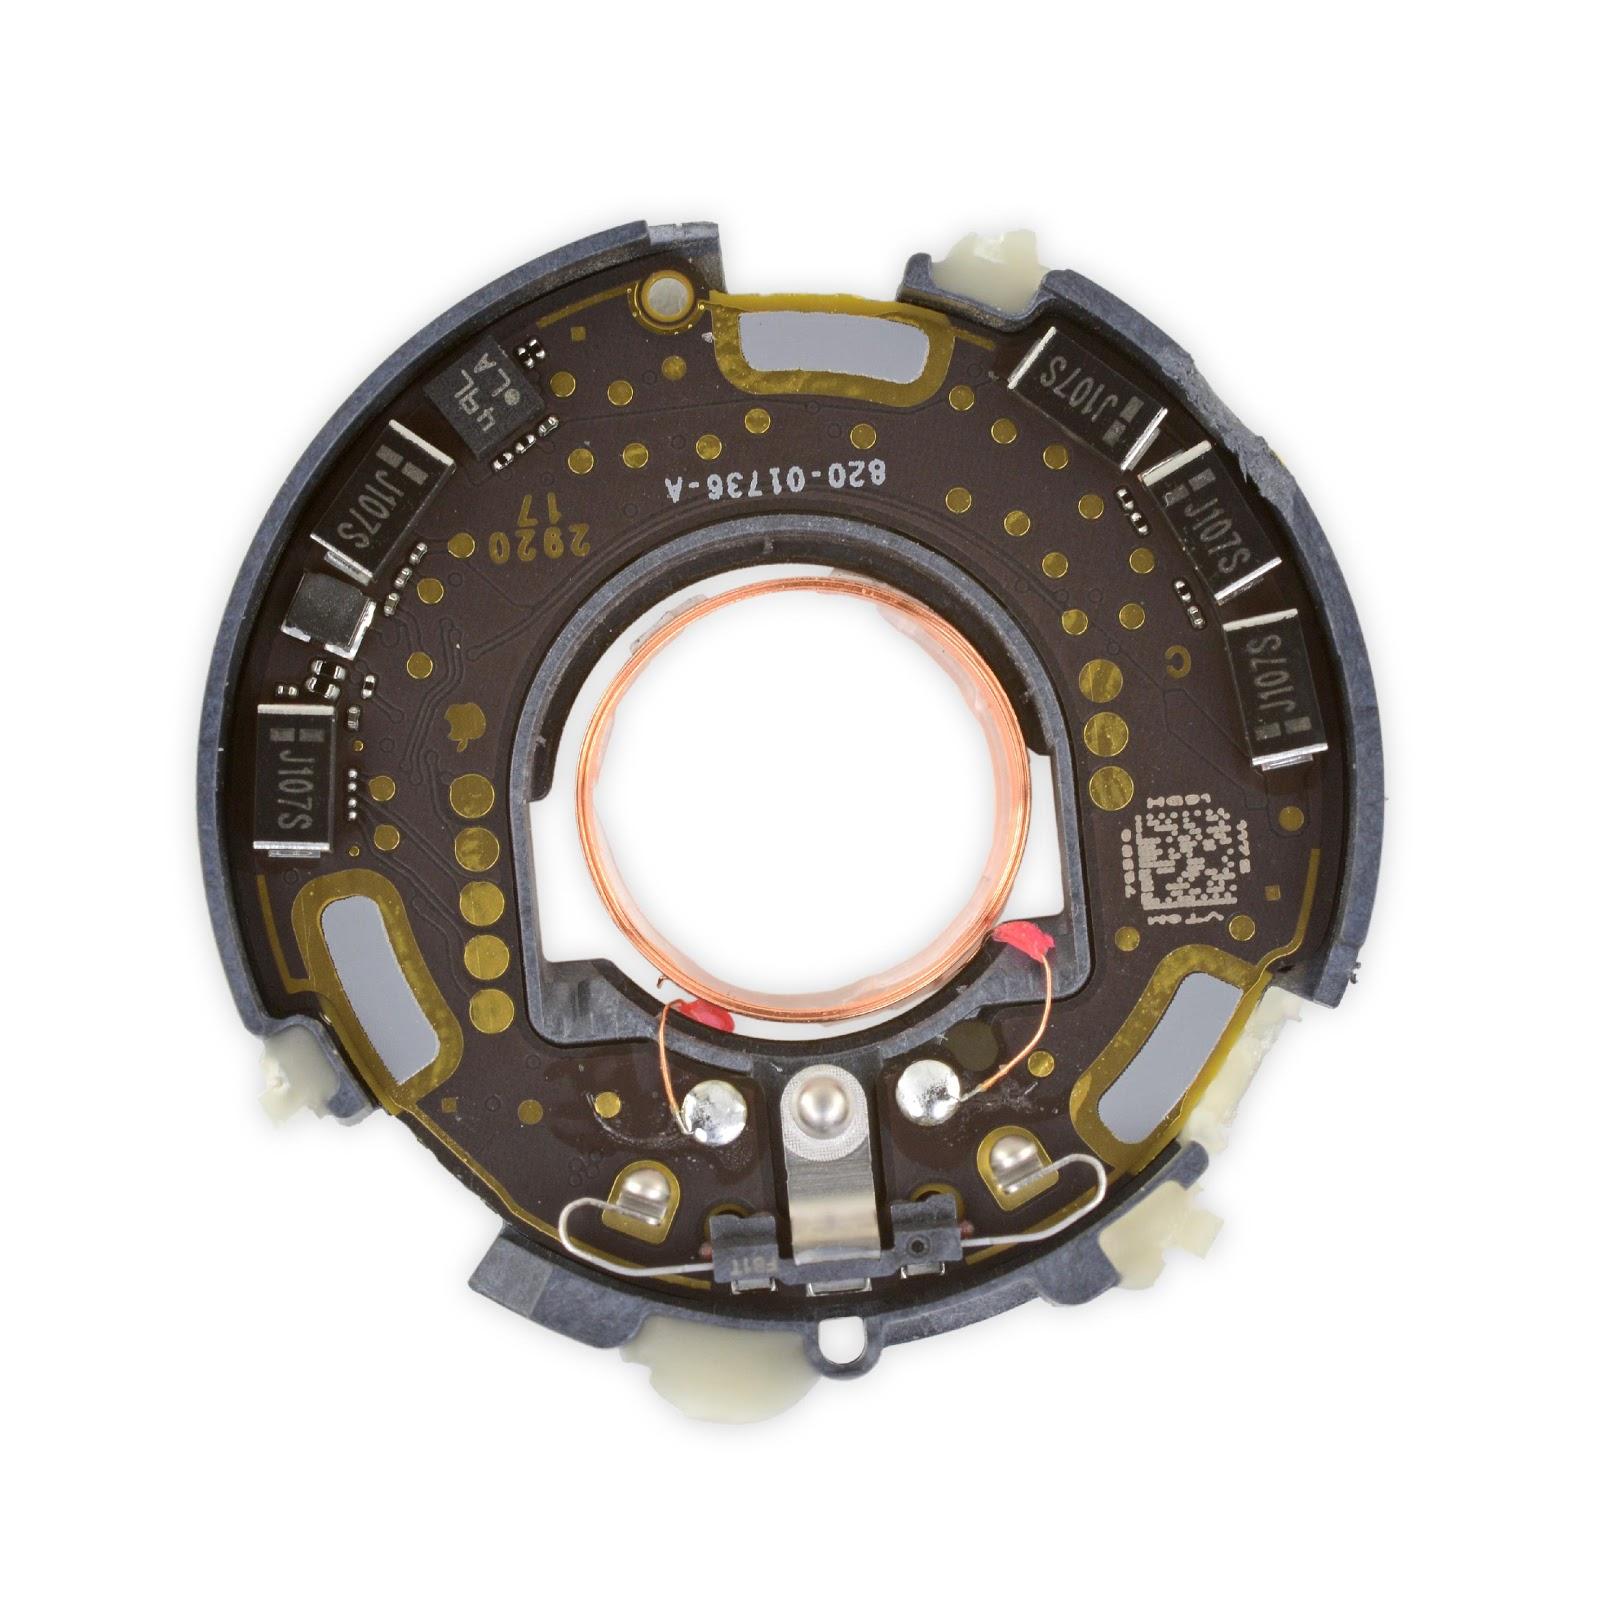 Первая сторона логической платы AirTag, на которой размещается трёхосевой акселерометр Bosch Sensortec BMA28x, также встречается в других продуктах Apple.